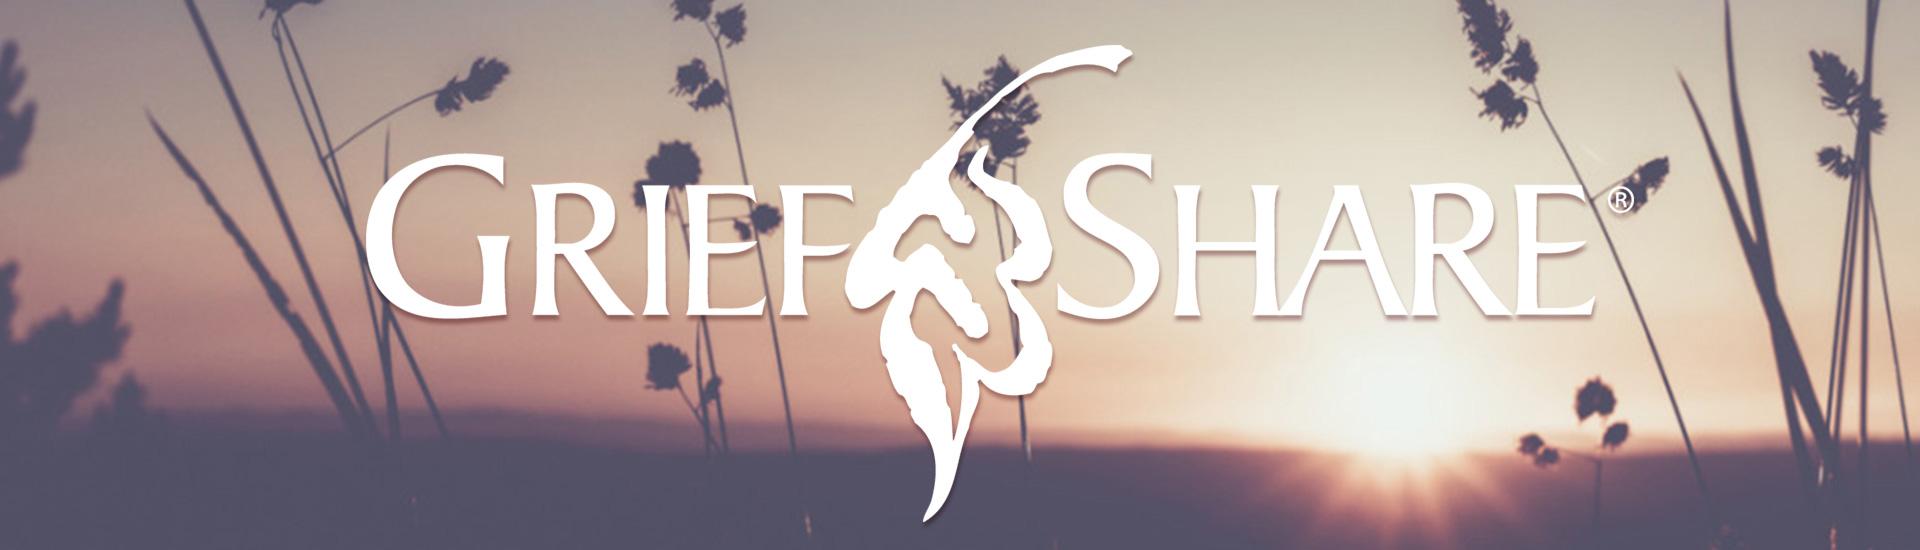 GriefShare Banner